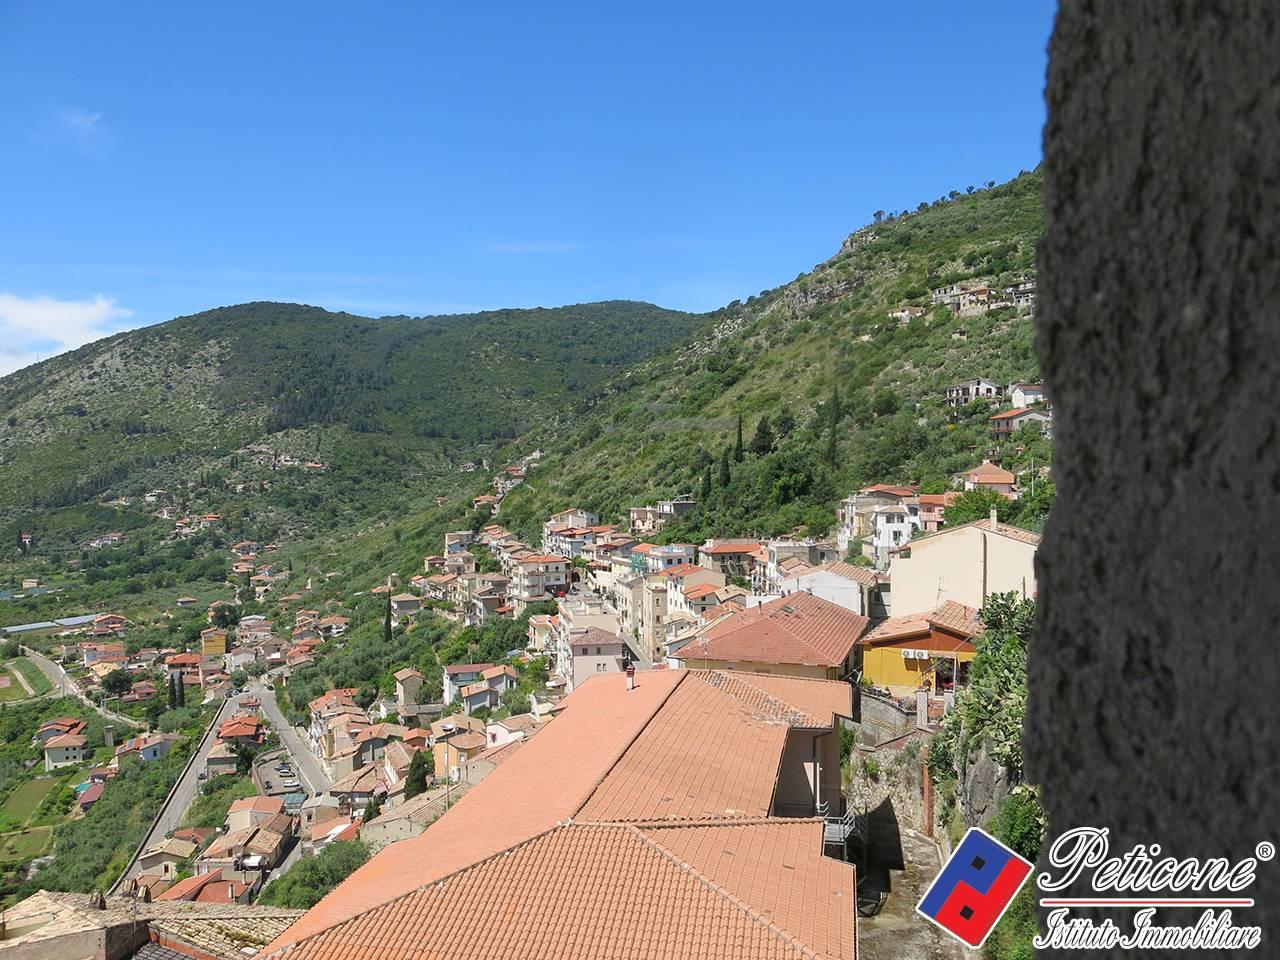 Appartamento in vendita a Monte San Biagio, 4 locali, zona Località: Centro, prezzo € 55.000   PortaleAgenzieImmobiliari.it